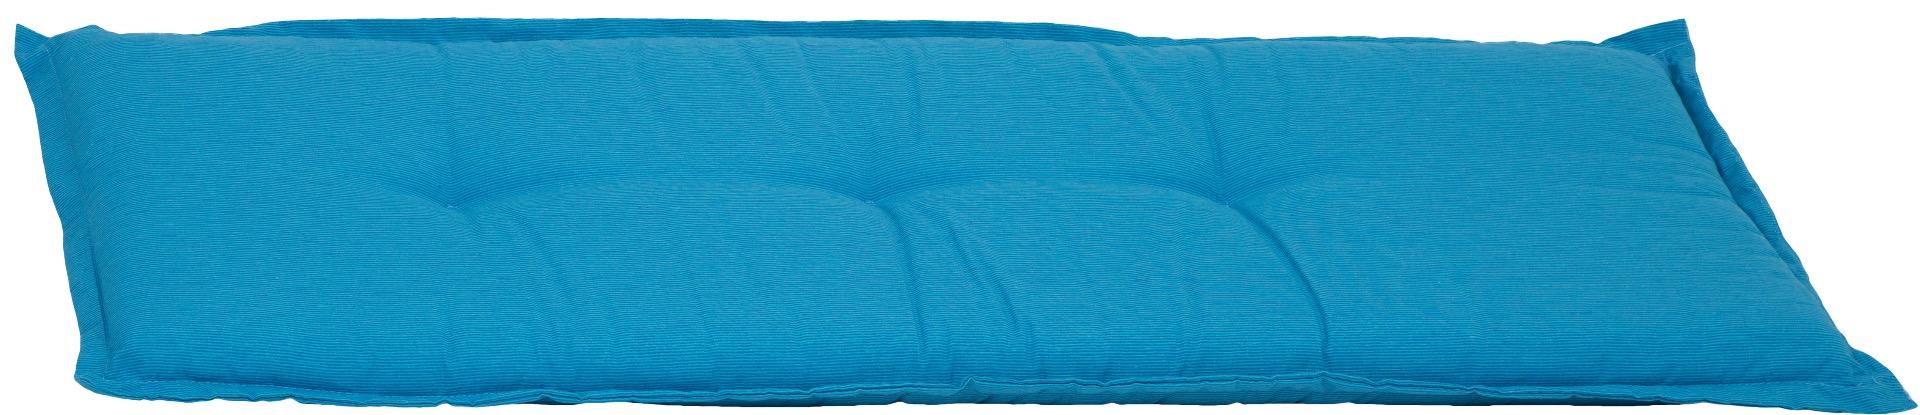 Bankauflage 3-Sitzer Sitzkissen ca. 145x45x6 cm hellblau meliert